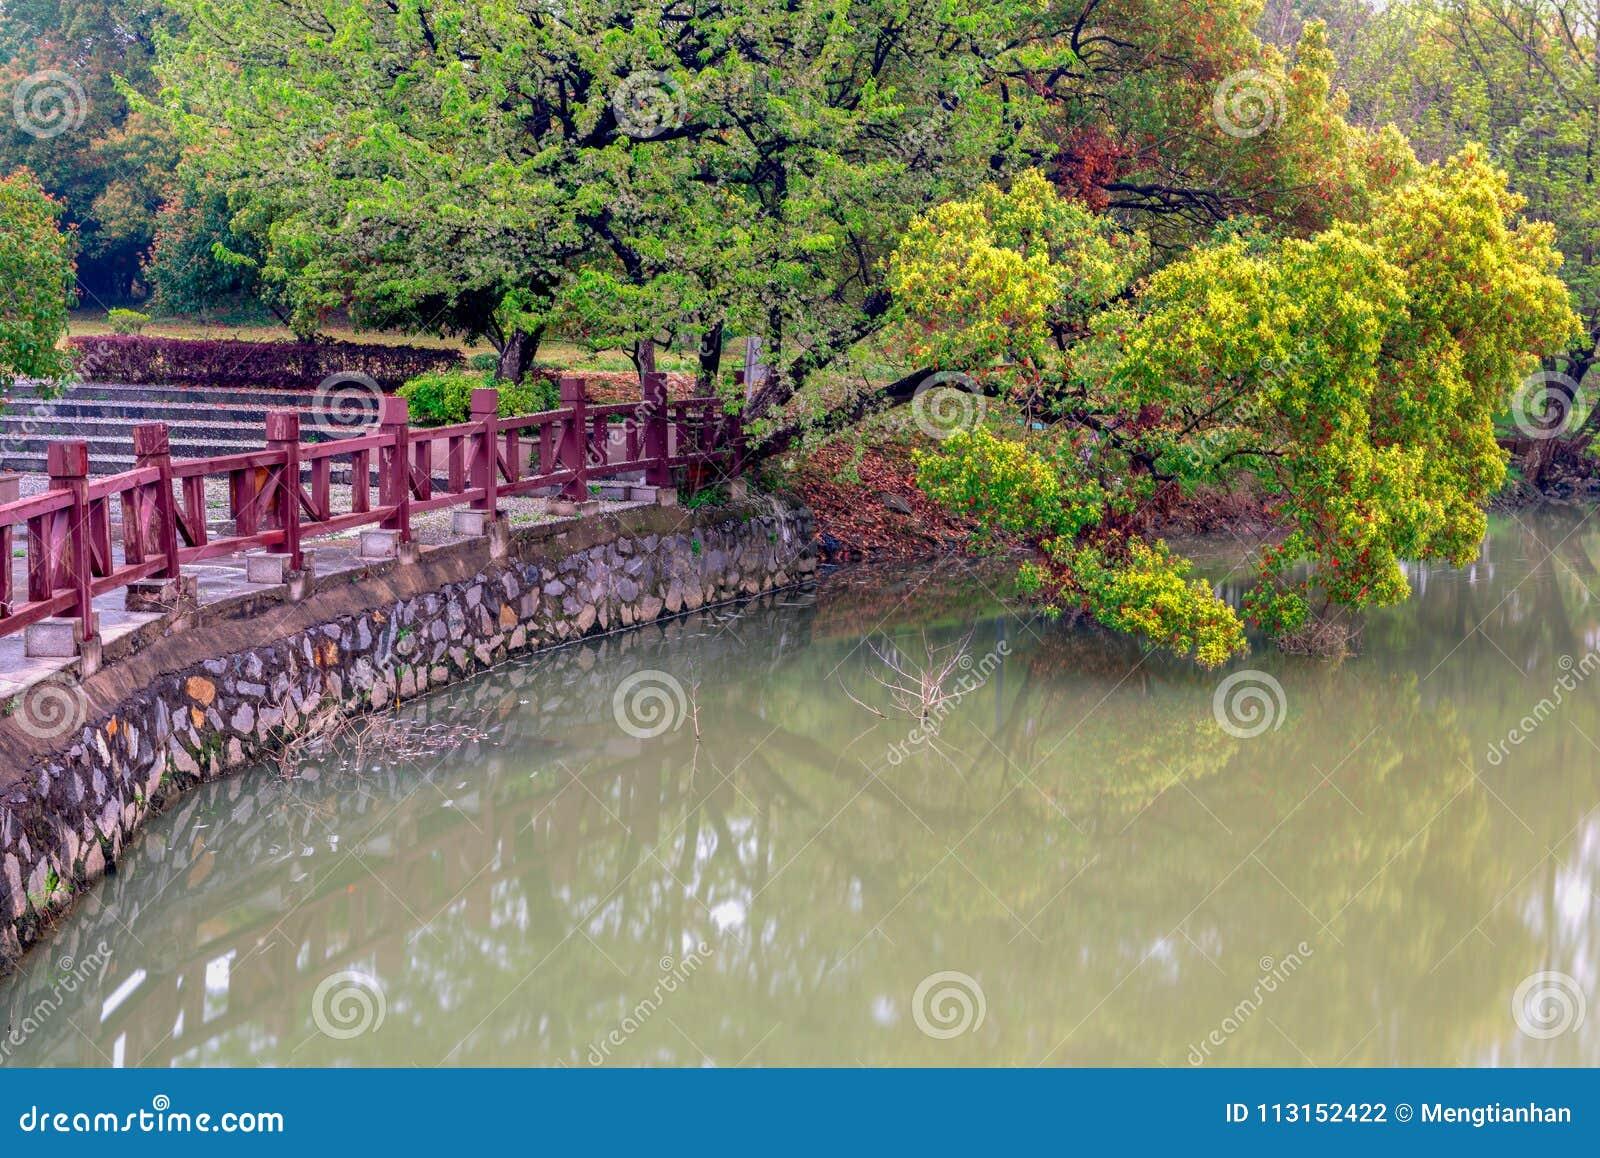 Lakeside arbre-Nan-Tchang Mei Lake Scenic Area